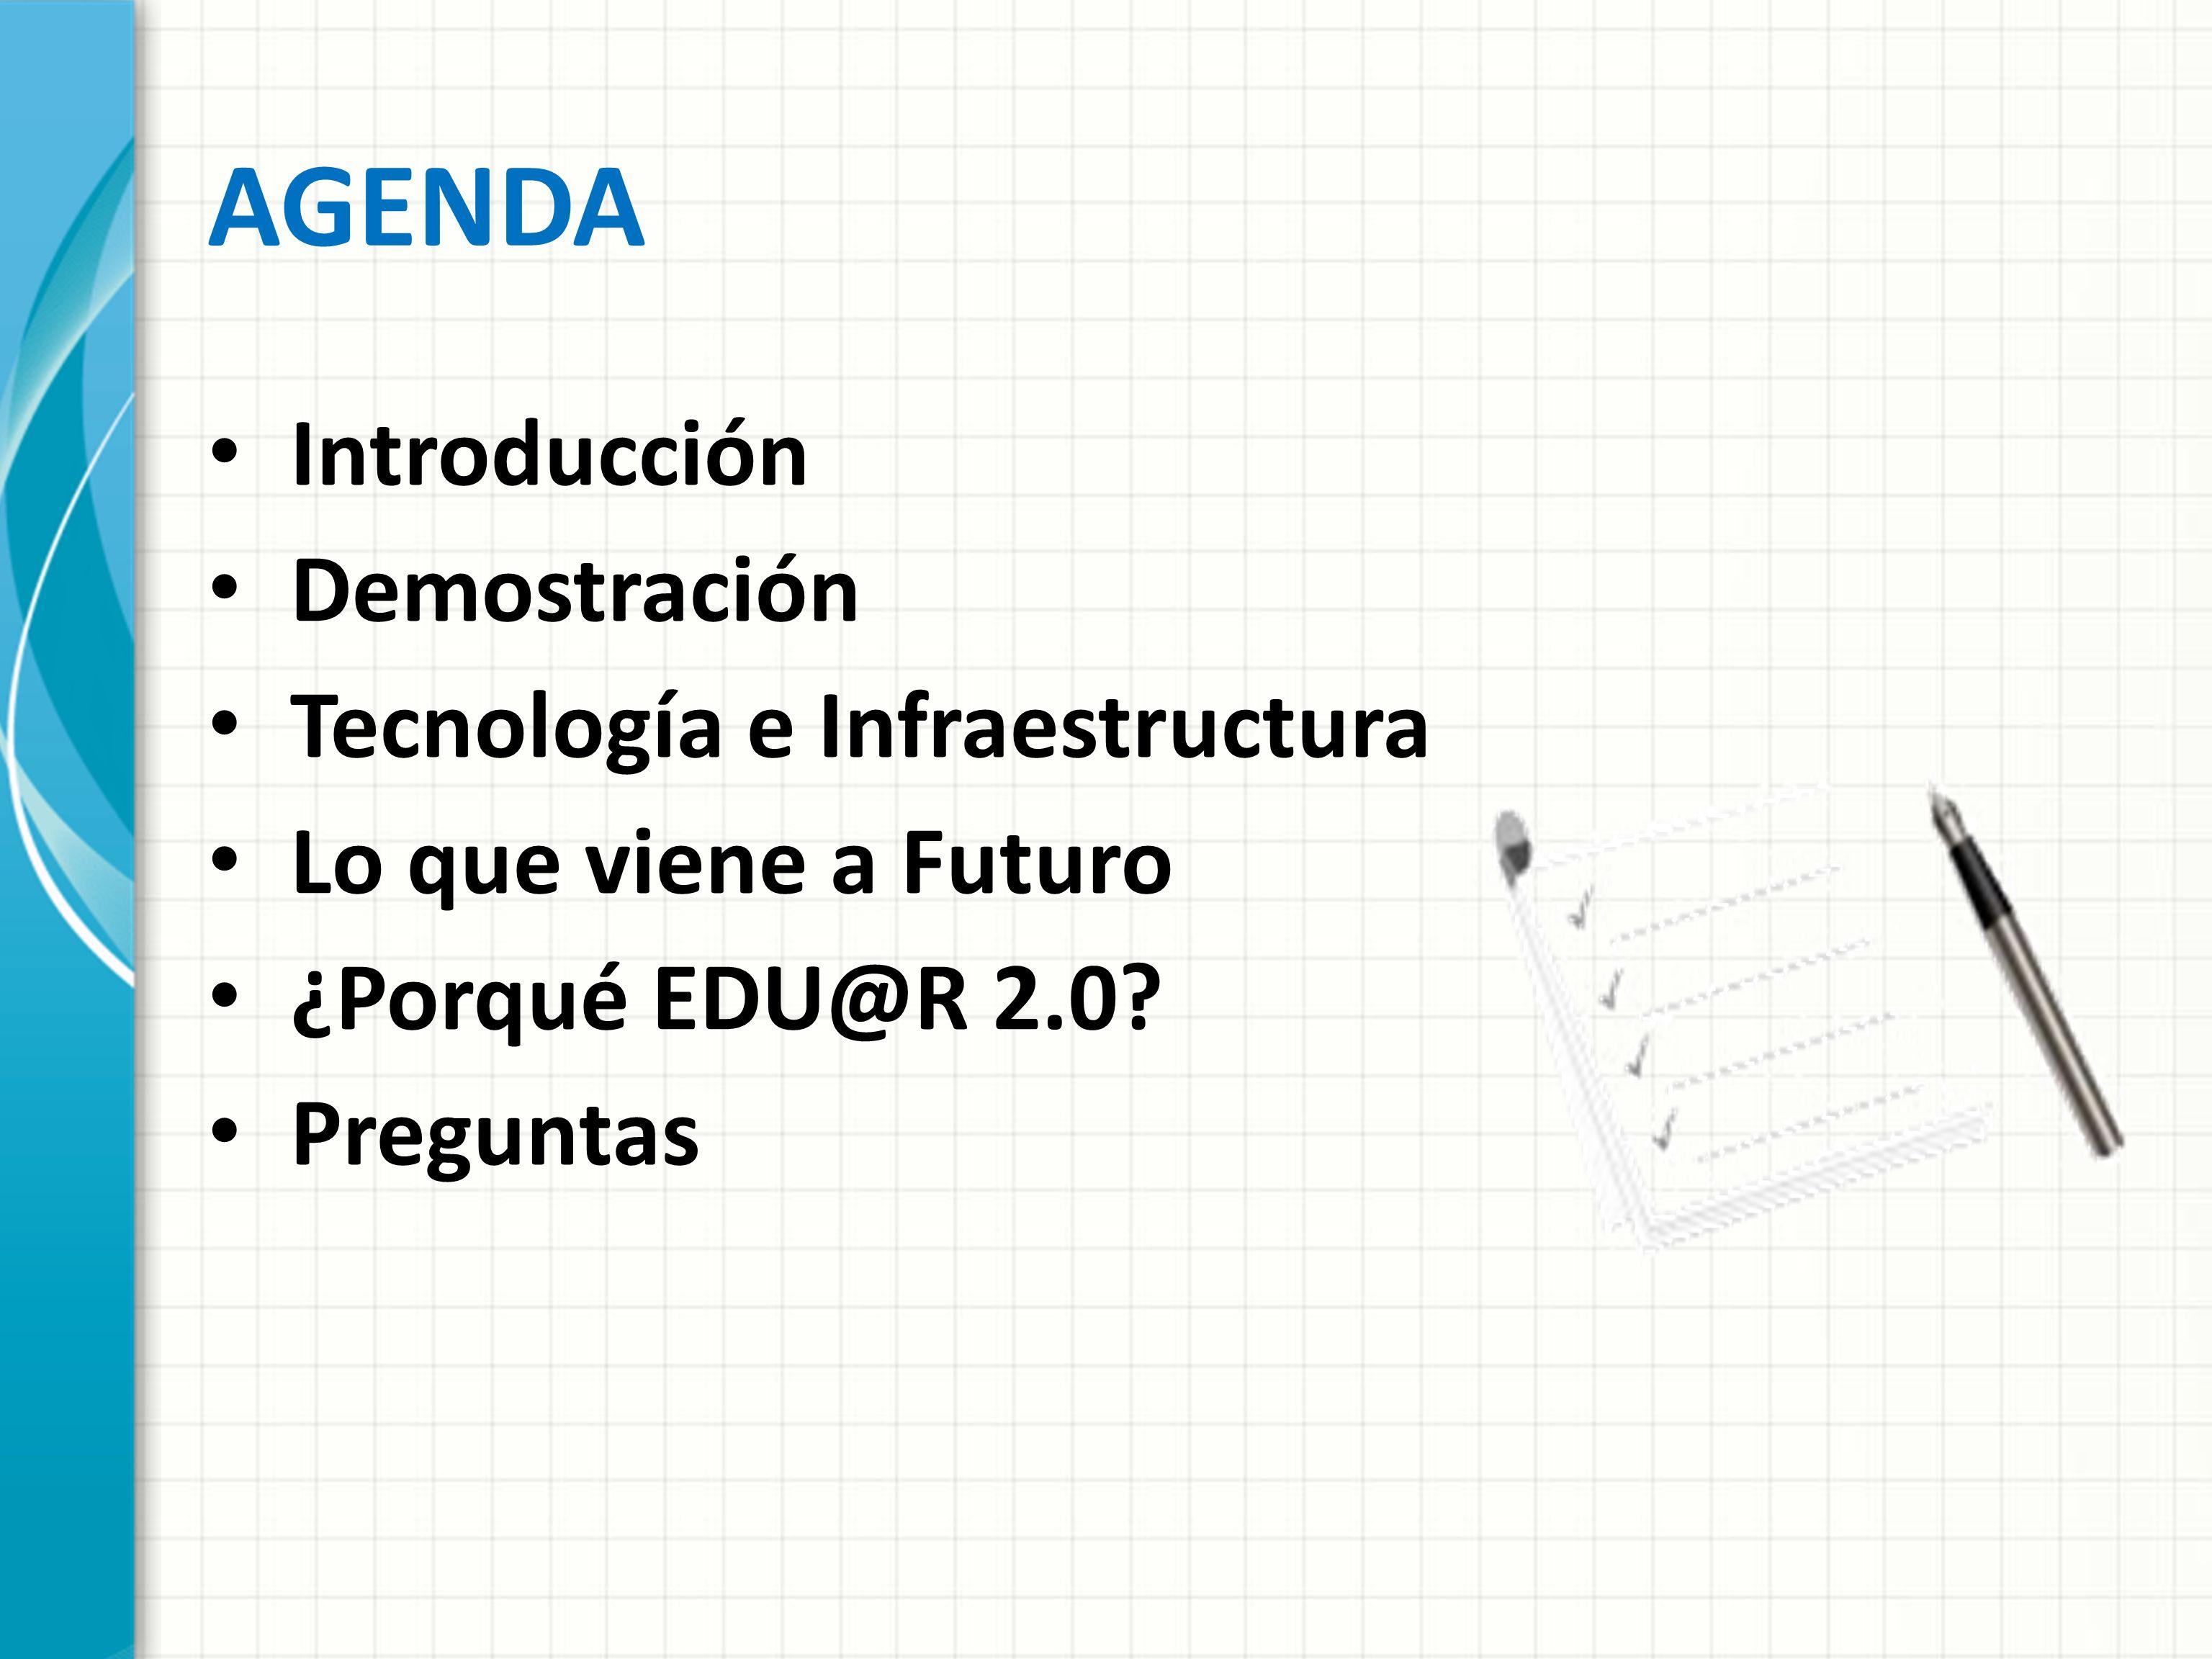 AGENDA Introducción Demostración Tecnología e Infraestructura Lo que viene a Futuro ¿Porqué EDU@R 2.0? Preguntas